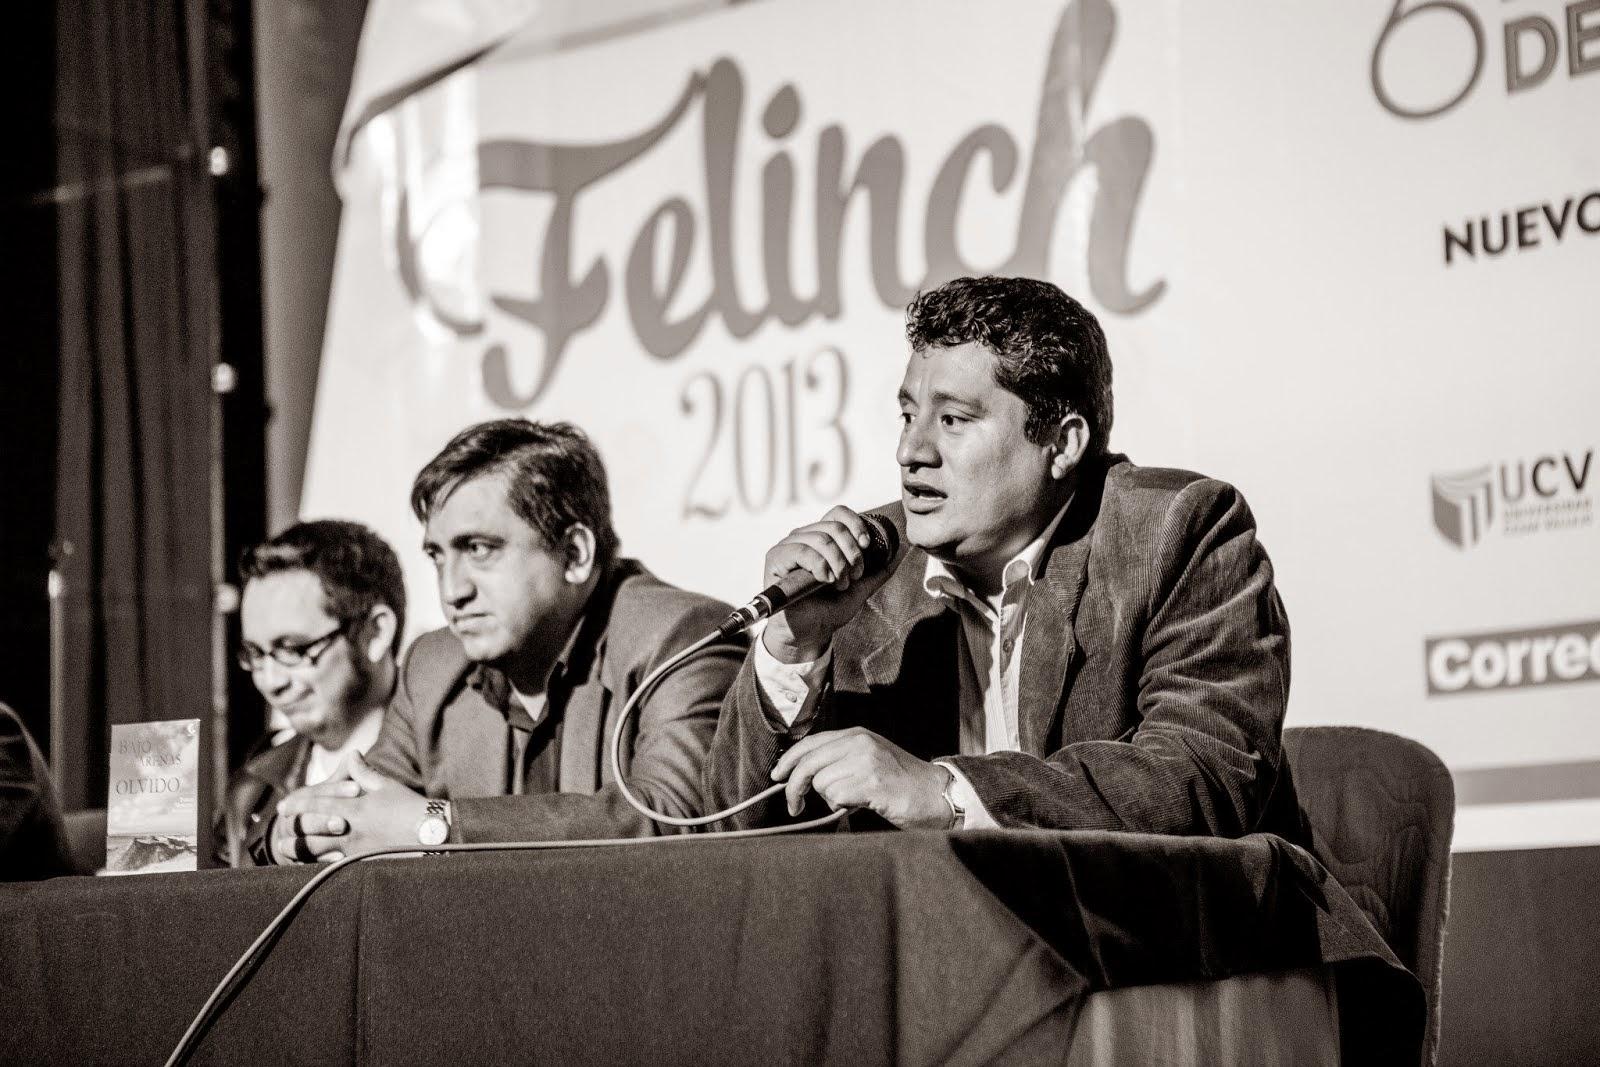 PRESENTACIÓN DE BAJO LAS ARENAS DEL OLVIDO. FERIA DEL LIBRO DE NUEVO CHIMBOTE